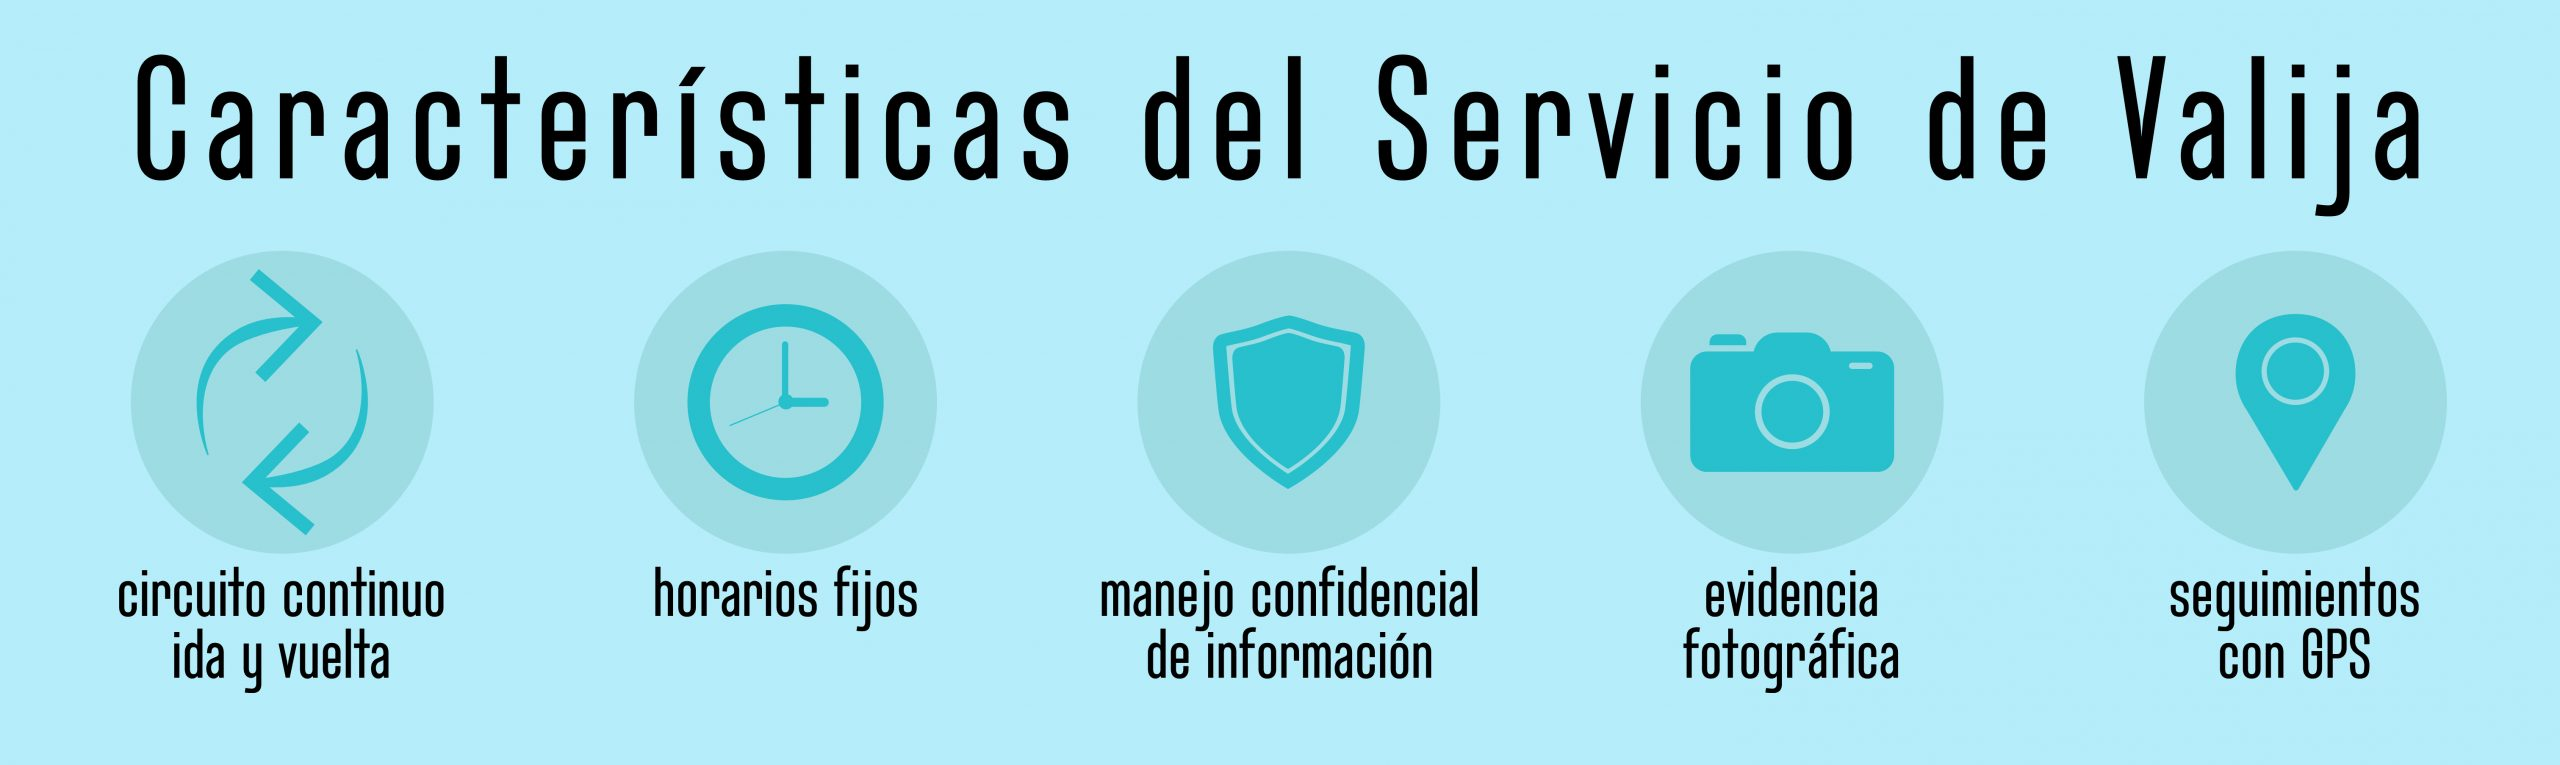 Características del servicio de valija